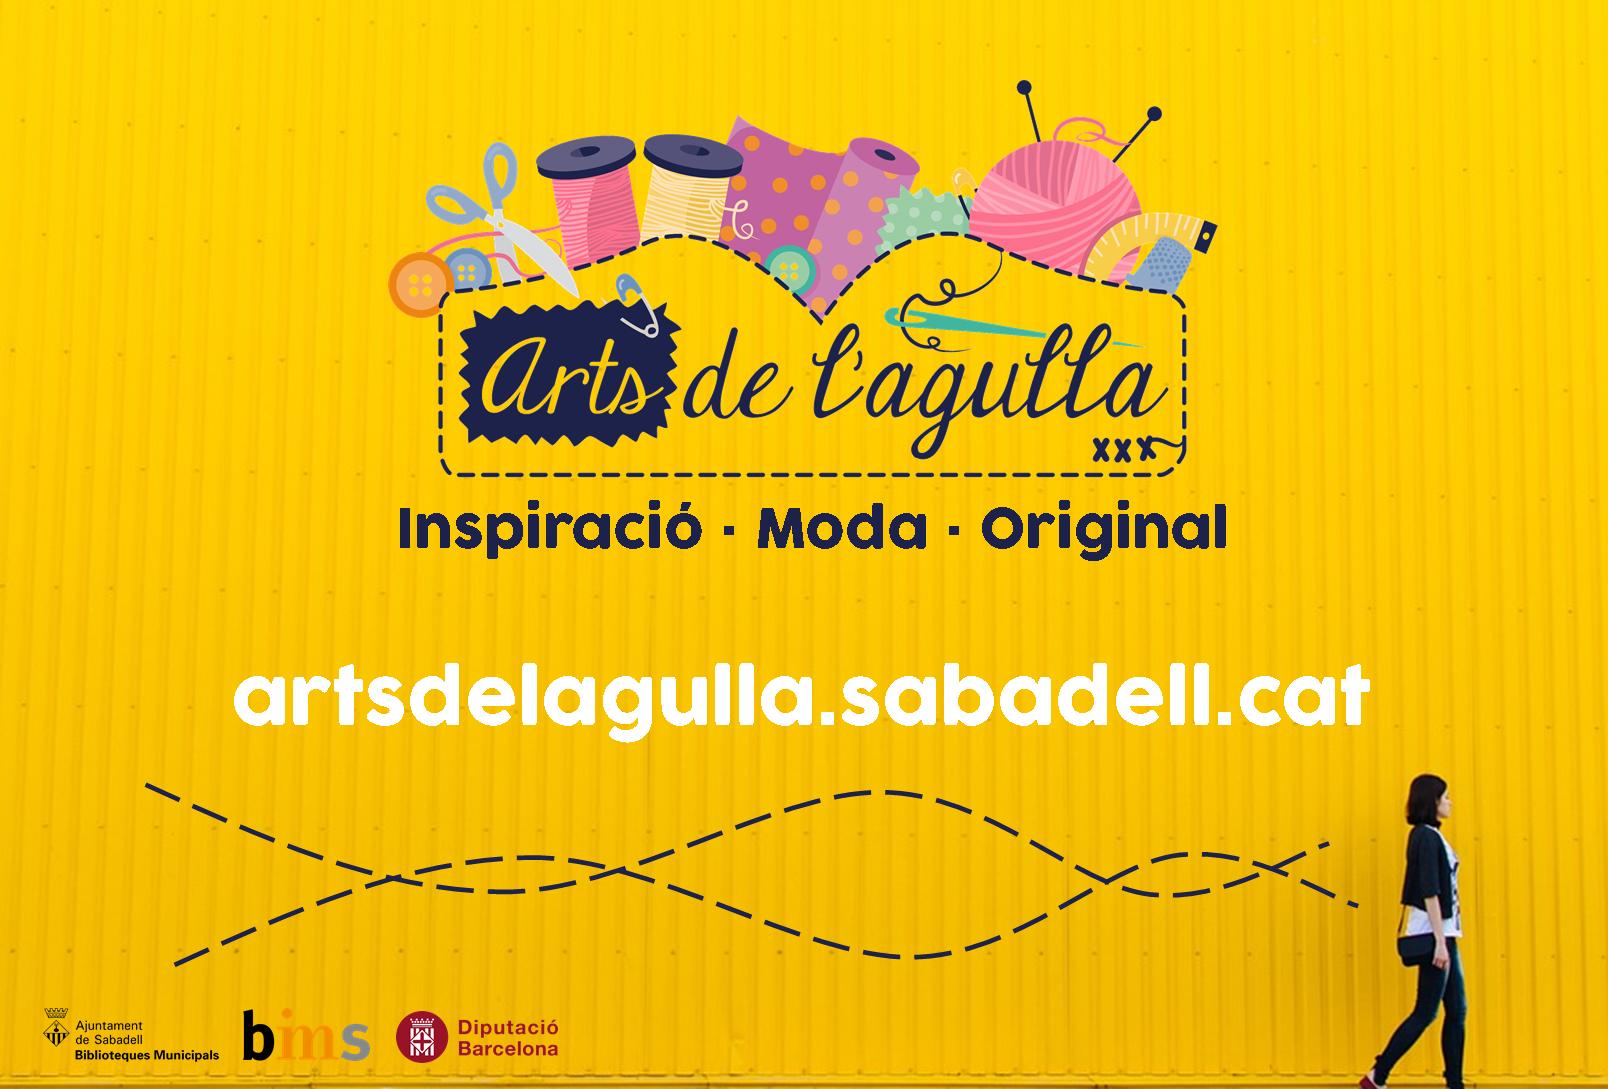 Cartell Arts de lagulla